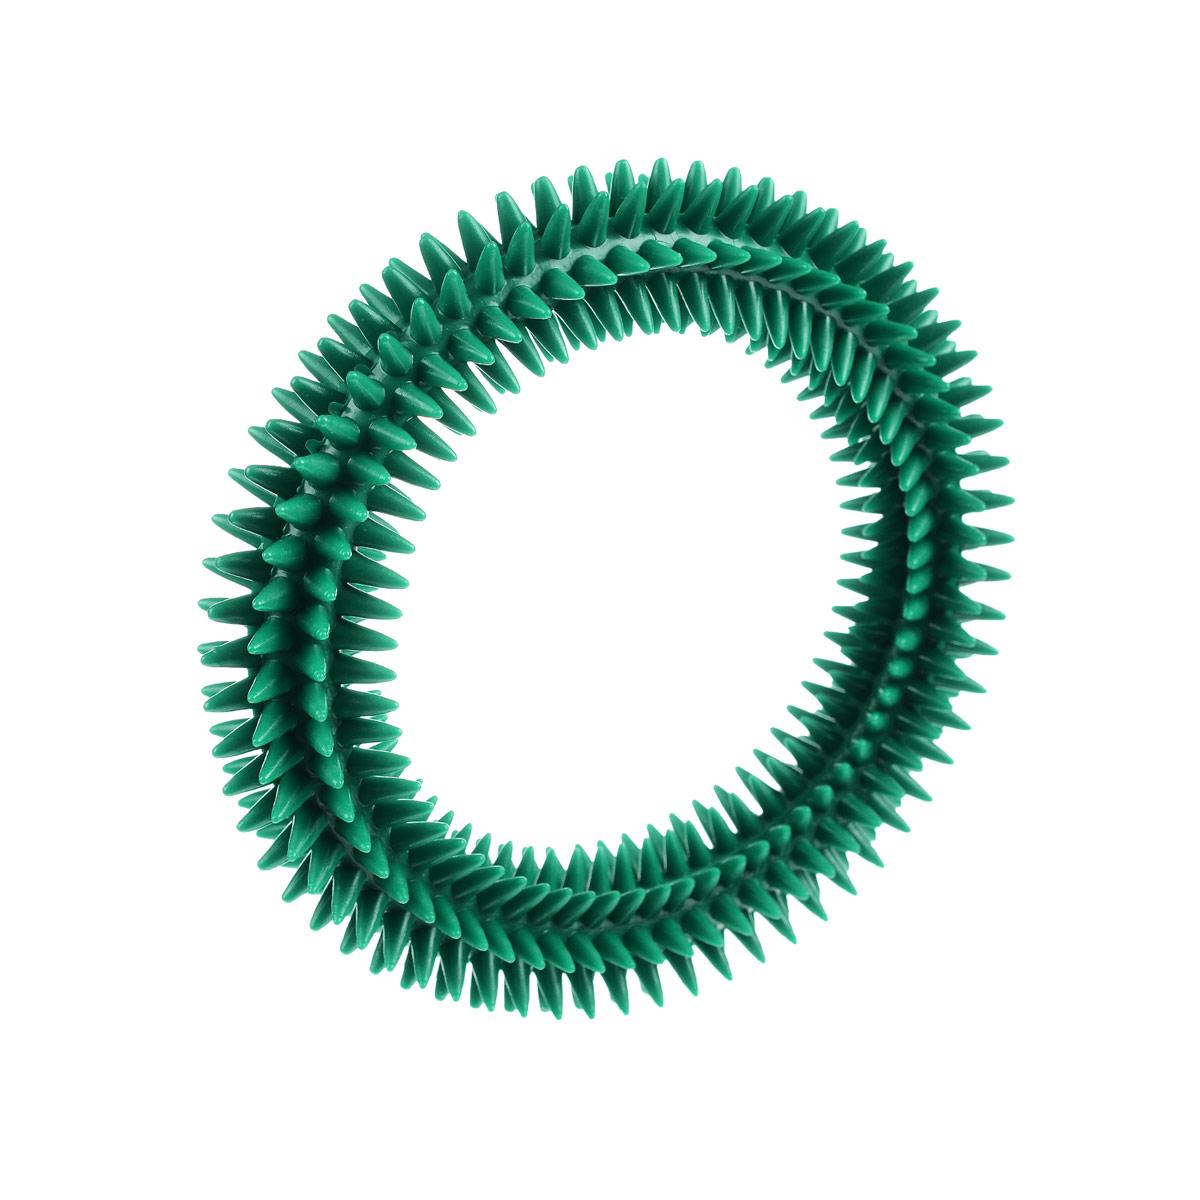 """Кольцо массажное с шипами """"V.I.Pet"""", цвет: зеленый, диаметр 12 см"""